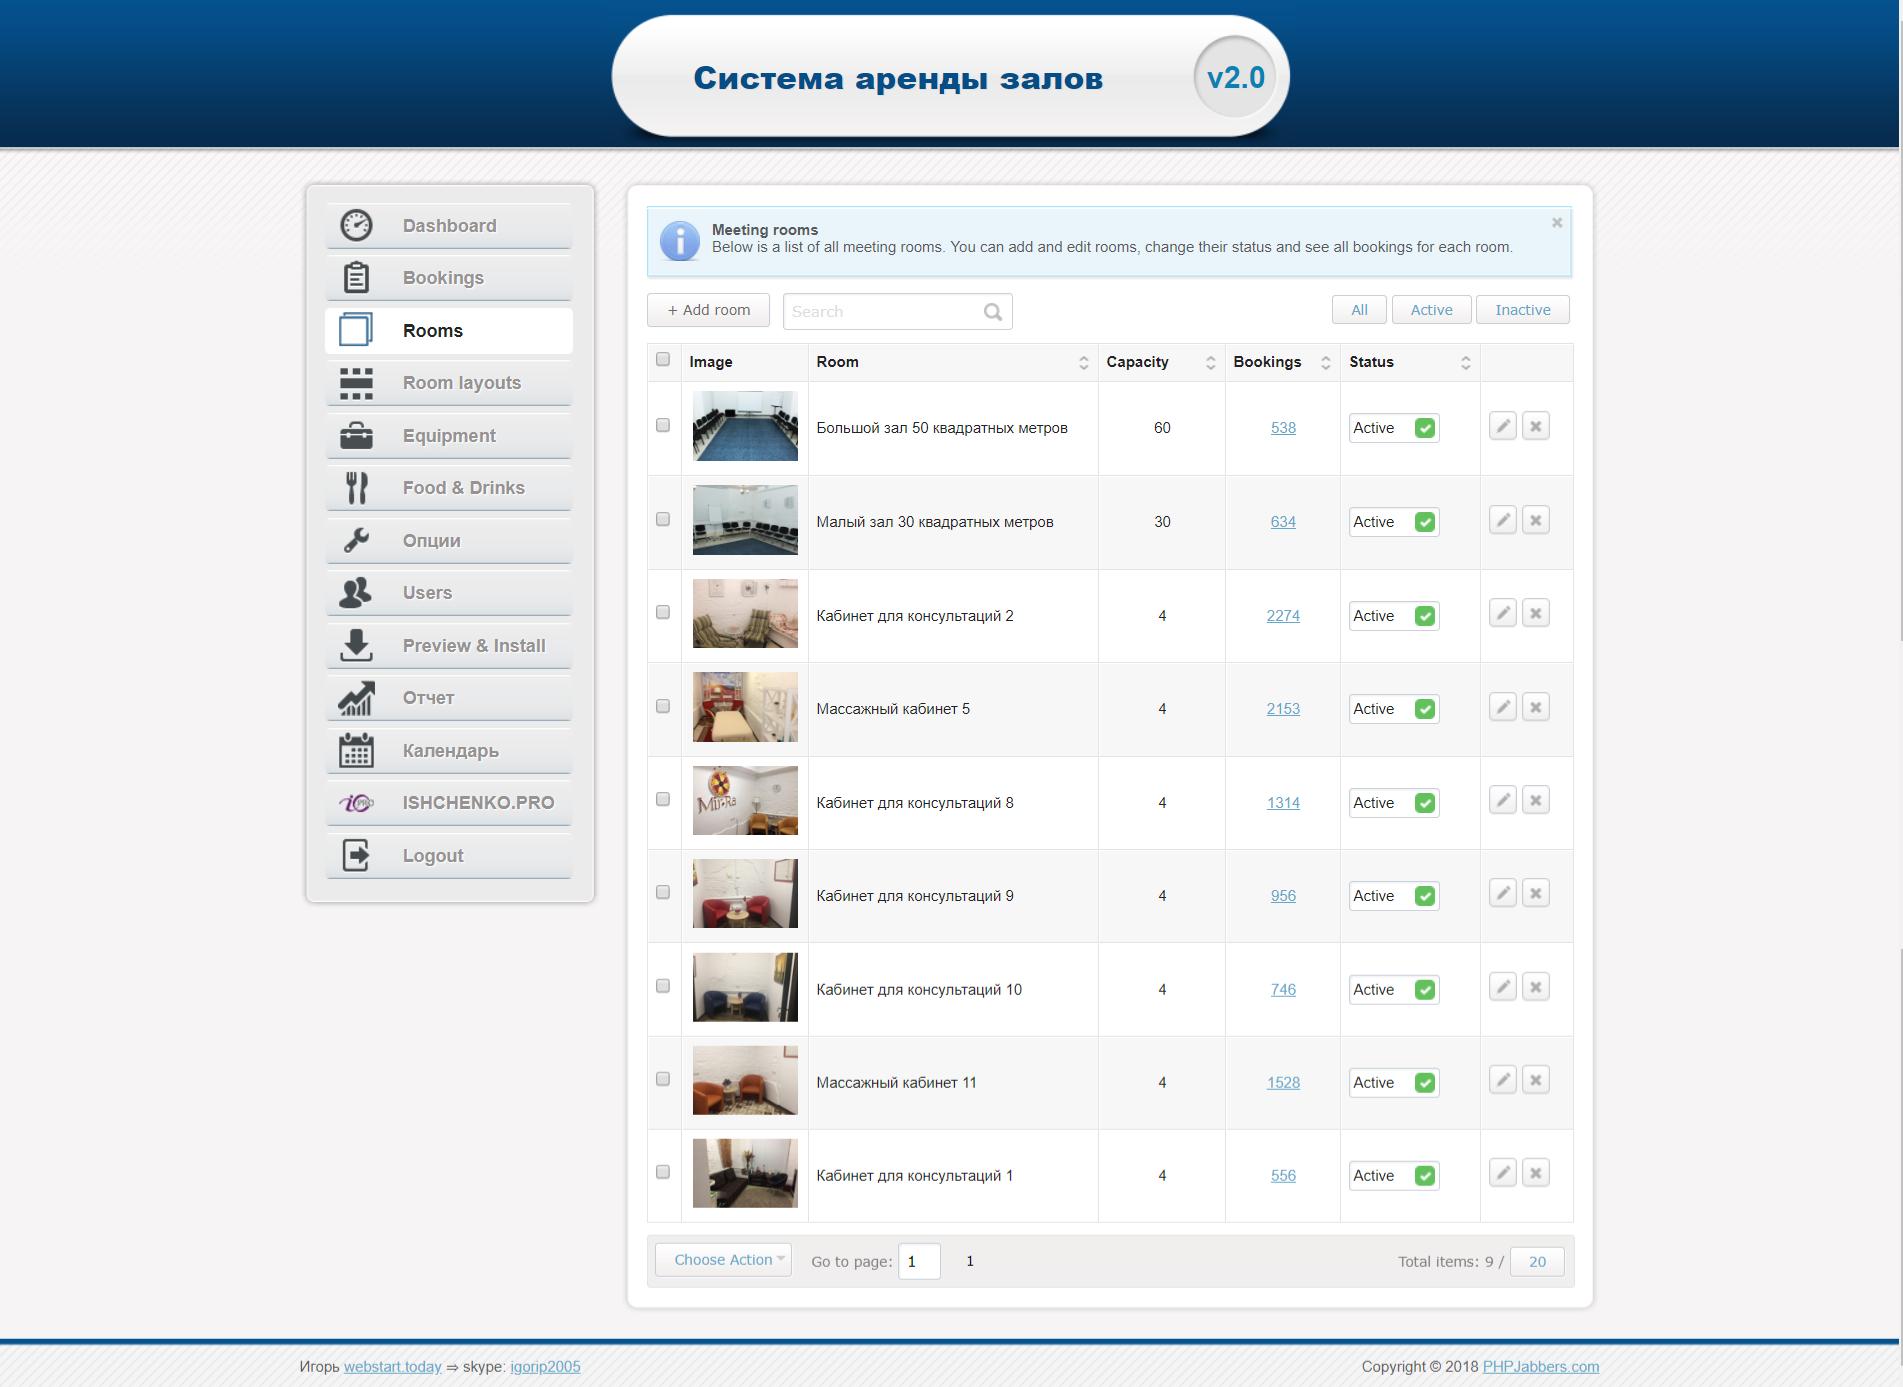 Ishchenko.pro_booking_rooms